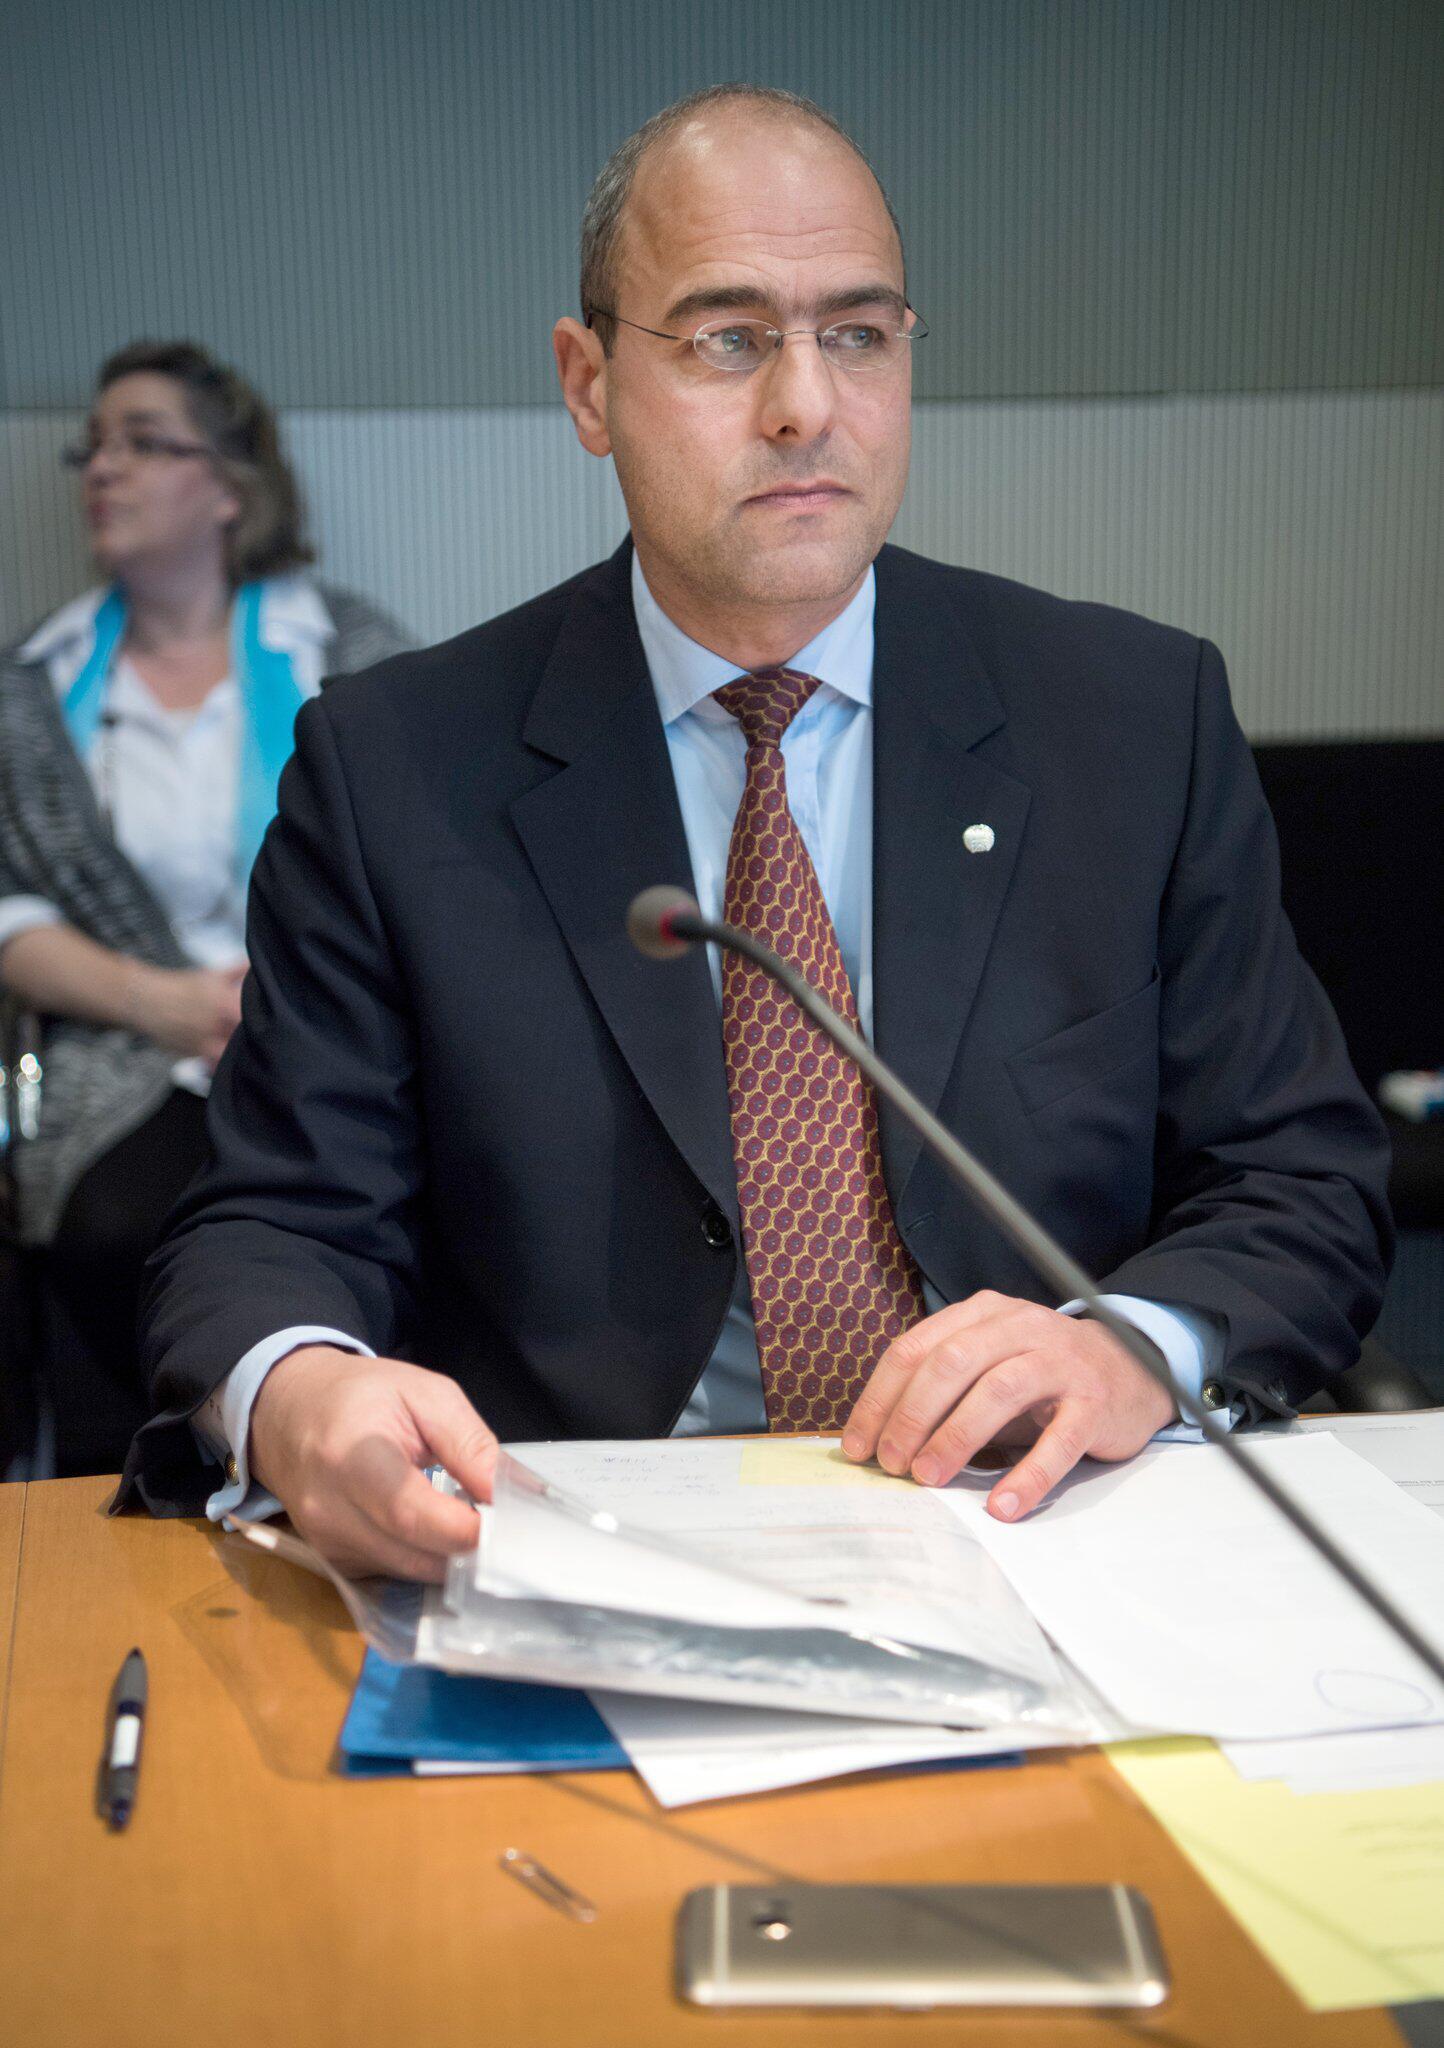 Bild zu Inaugural meeting of expert committees of the German Bundestag